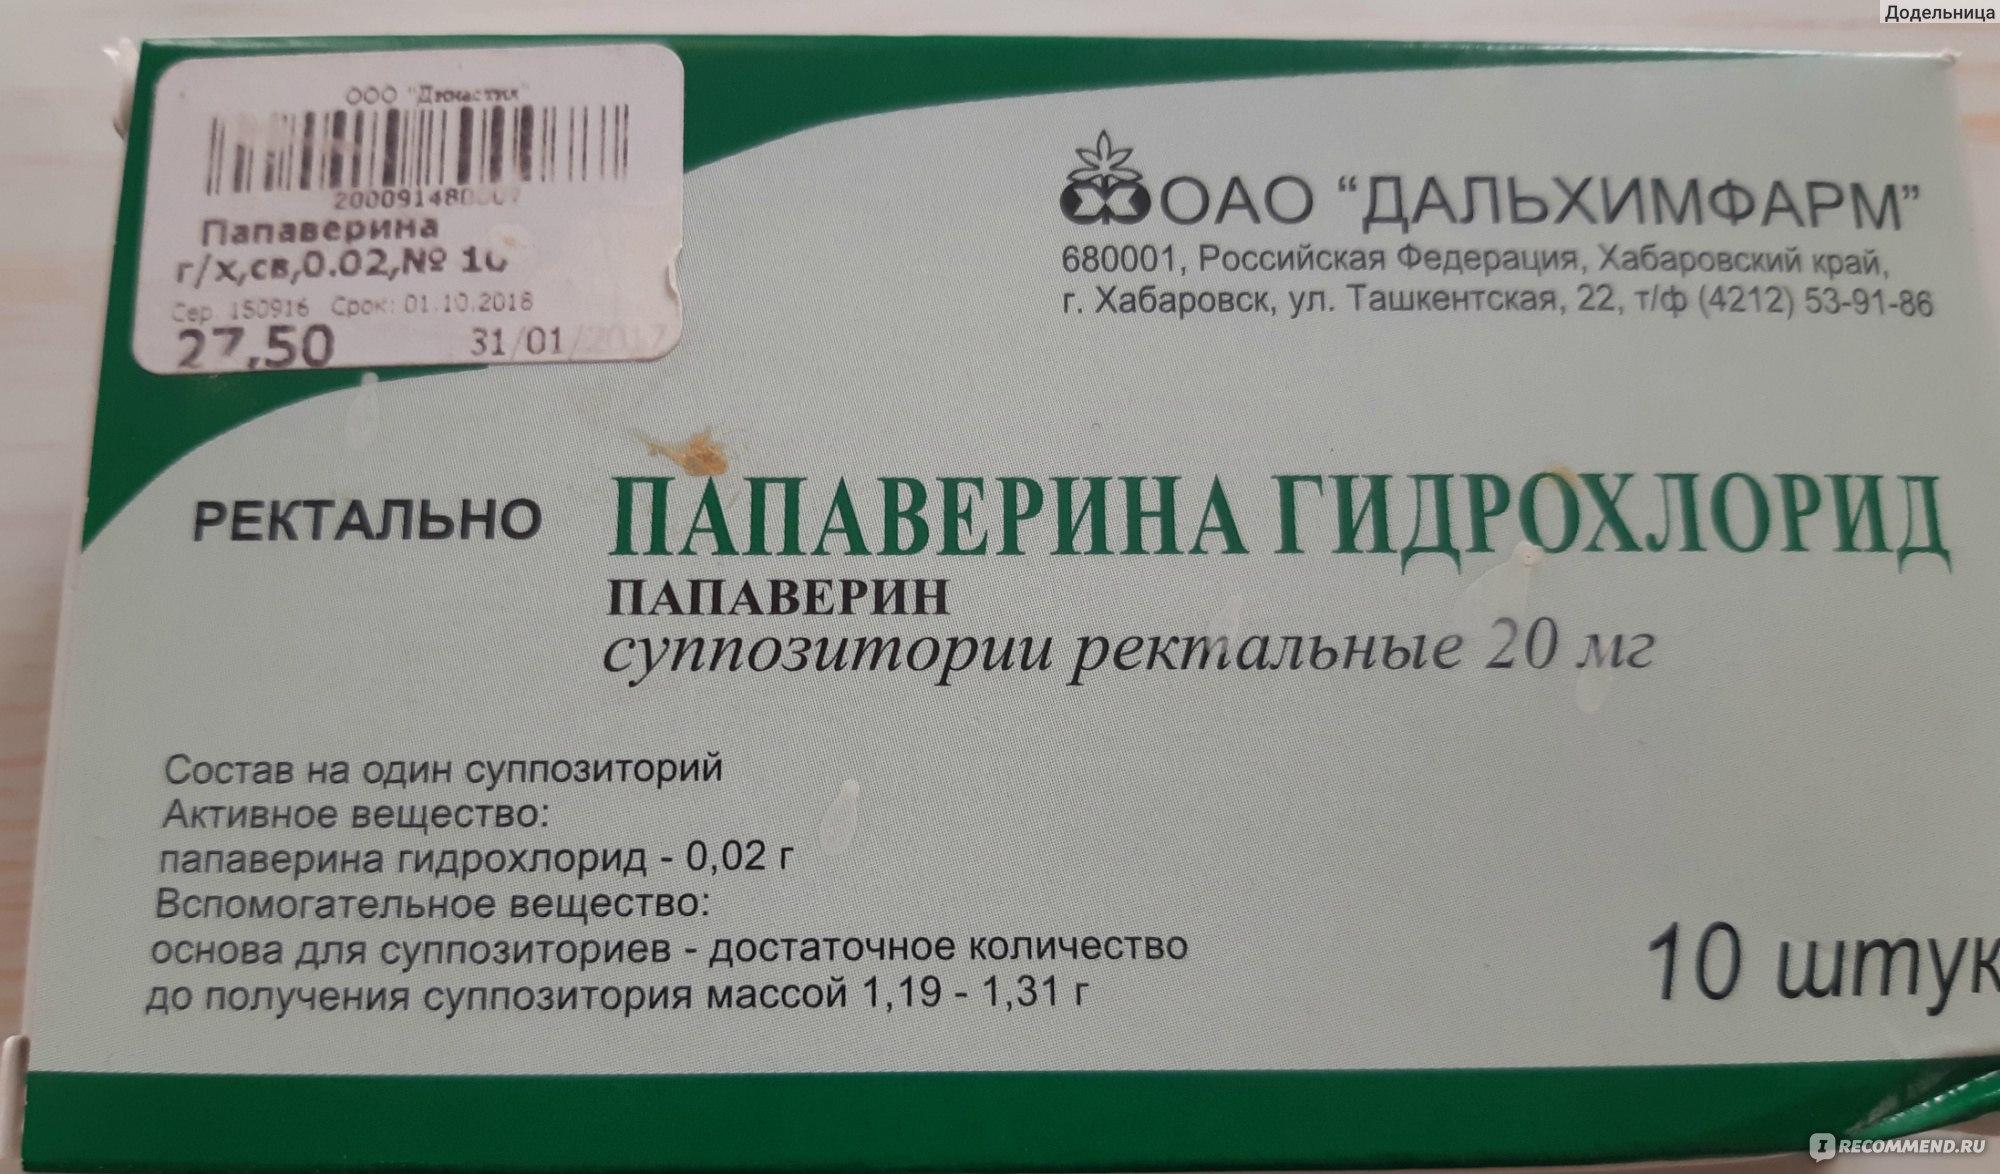 папаверина гидрохлорид простатит